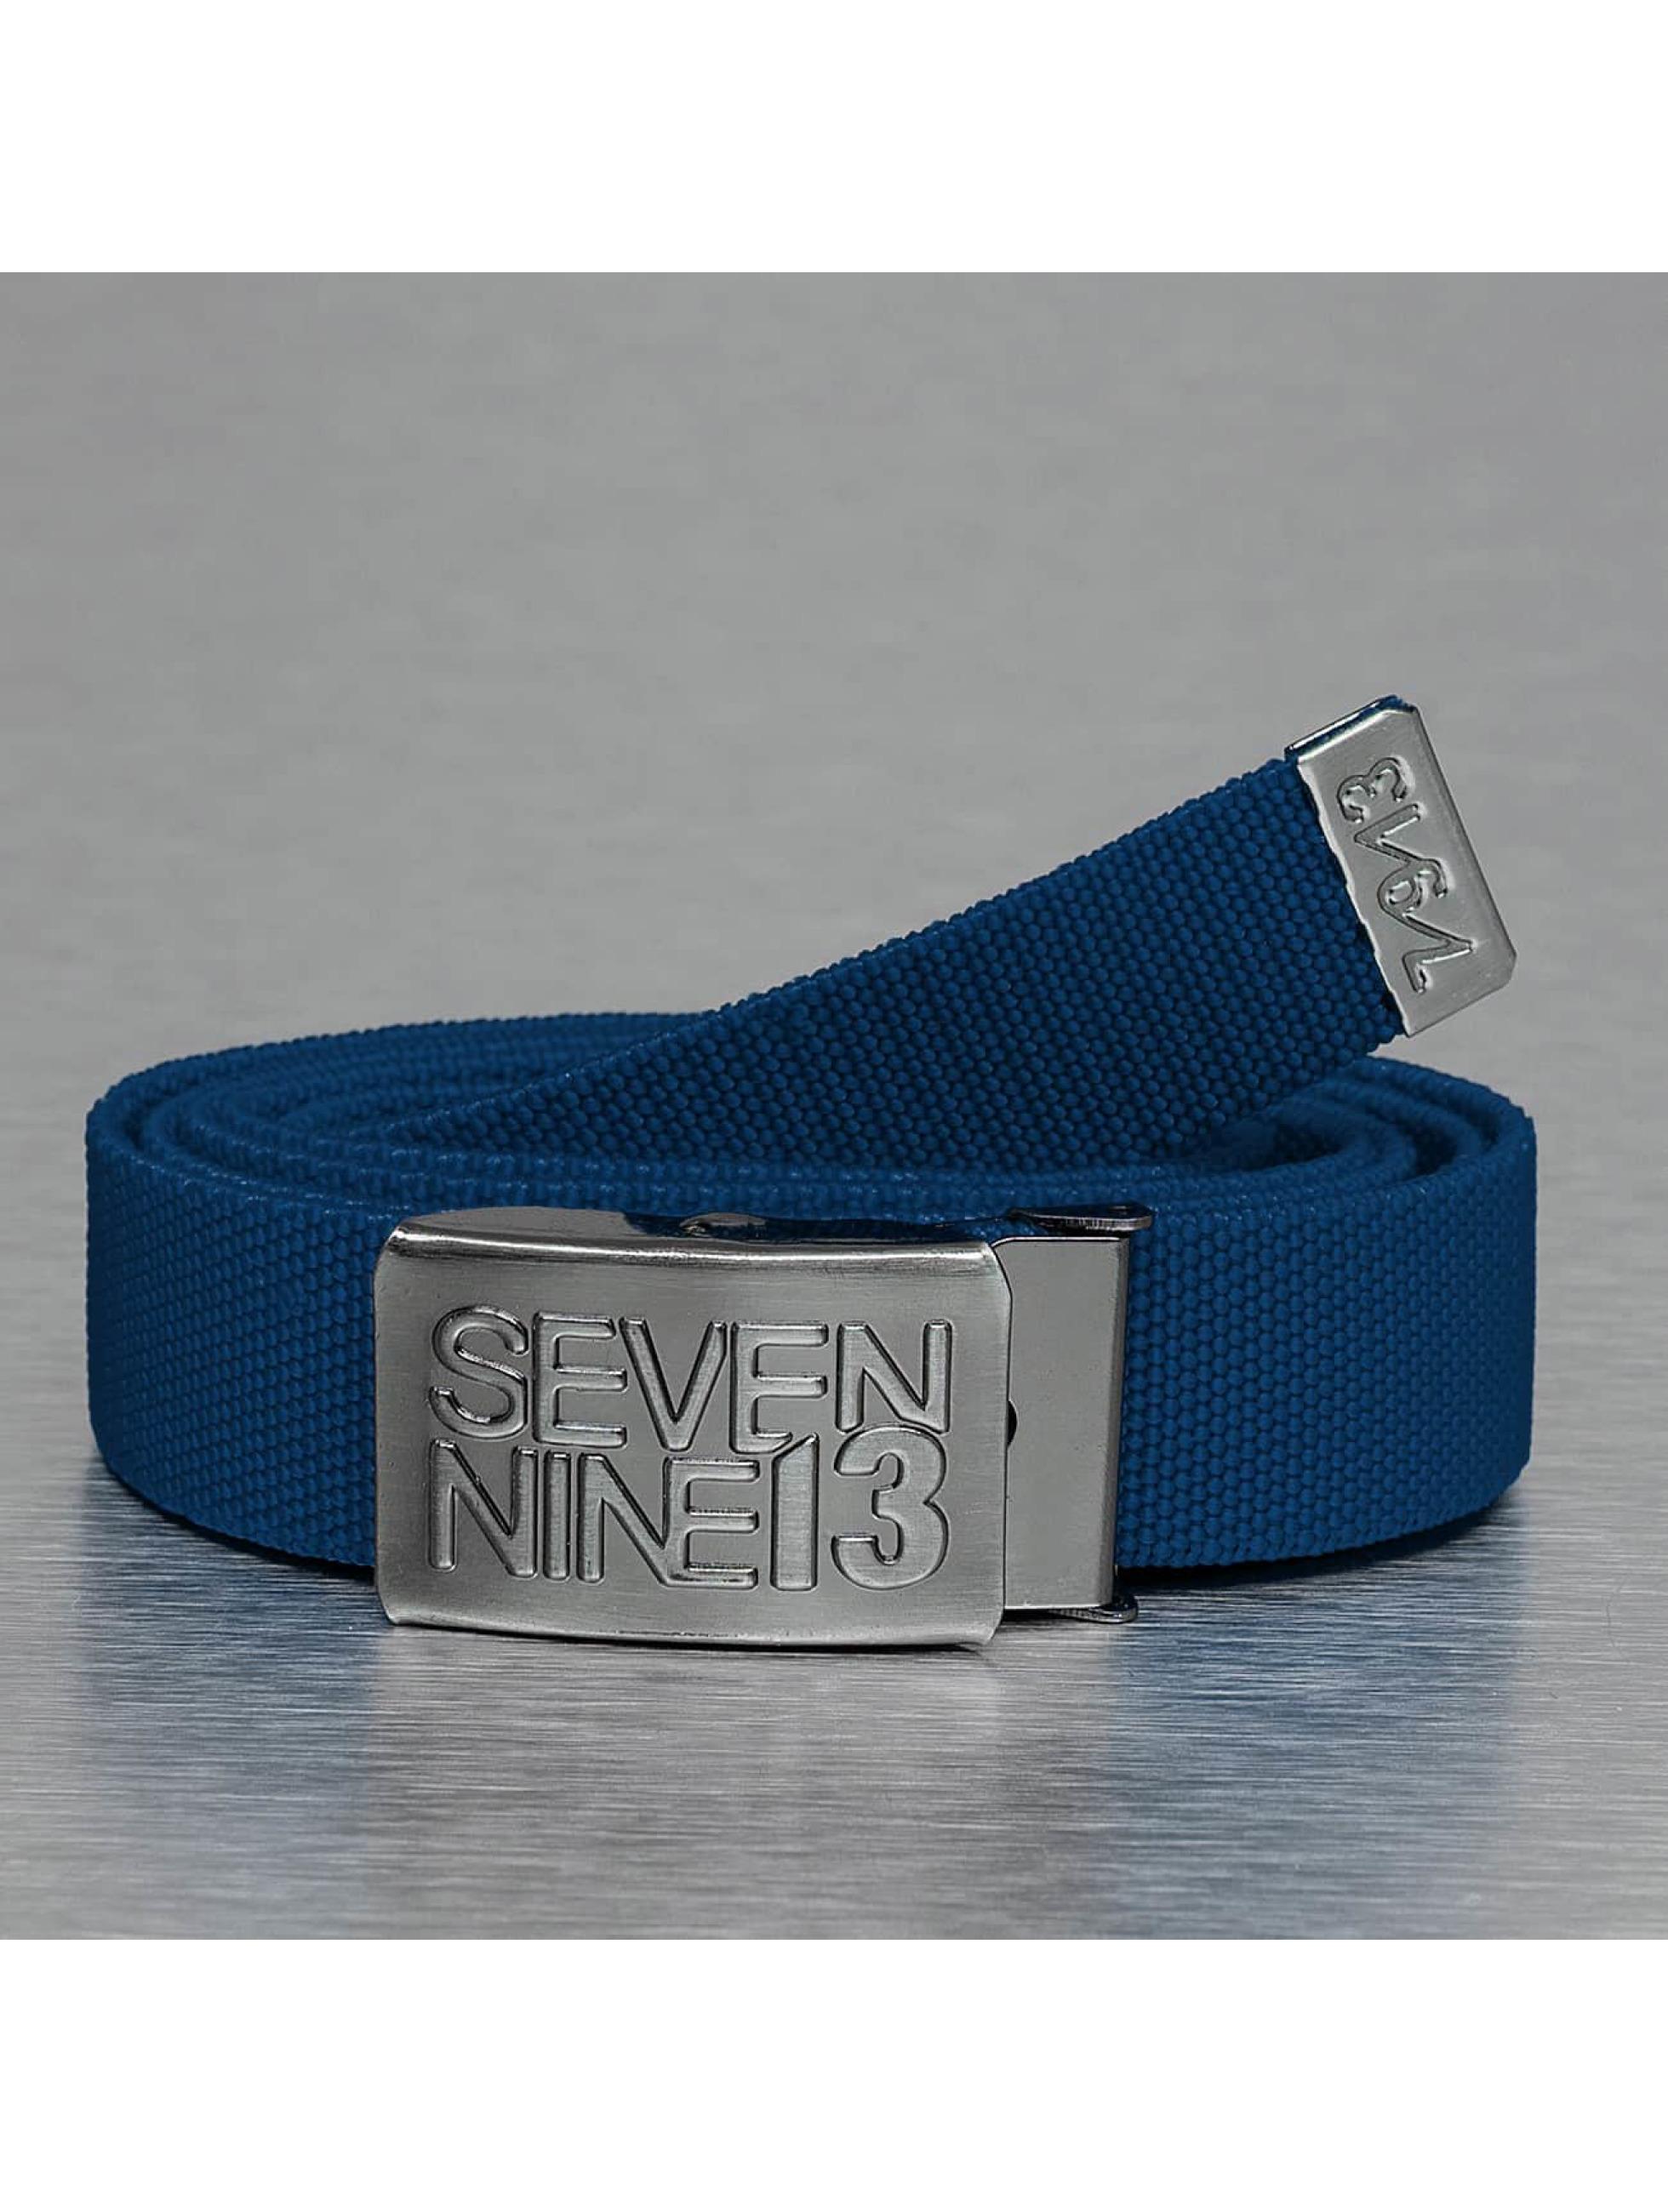 Seven Nine 13 riem Jaws Stretc blauw